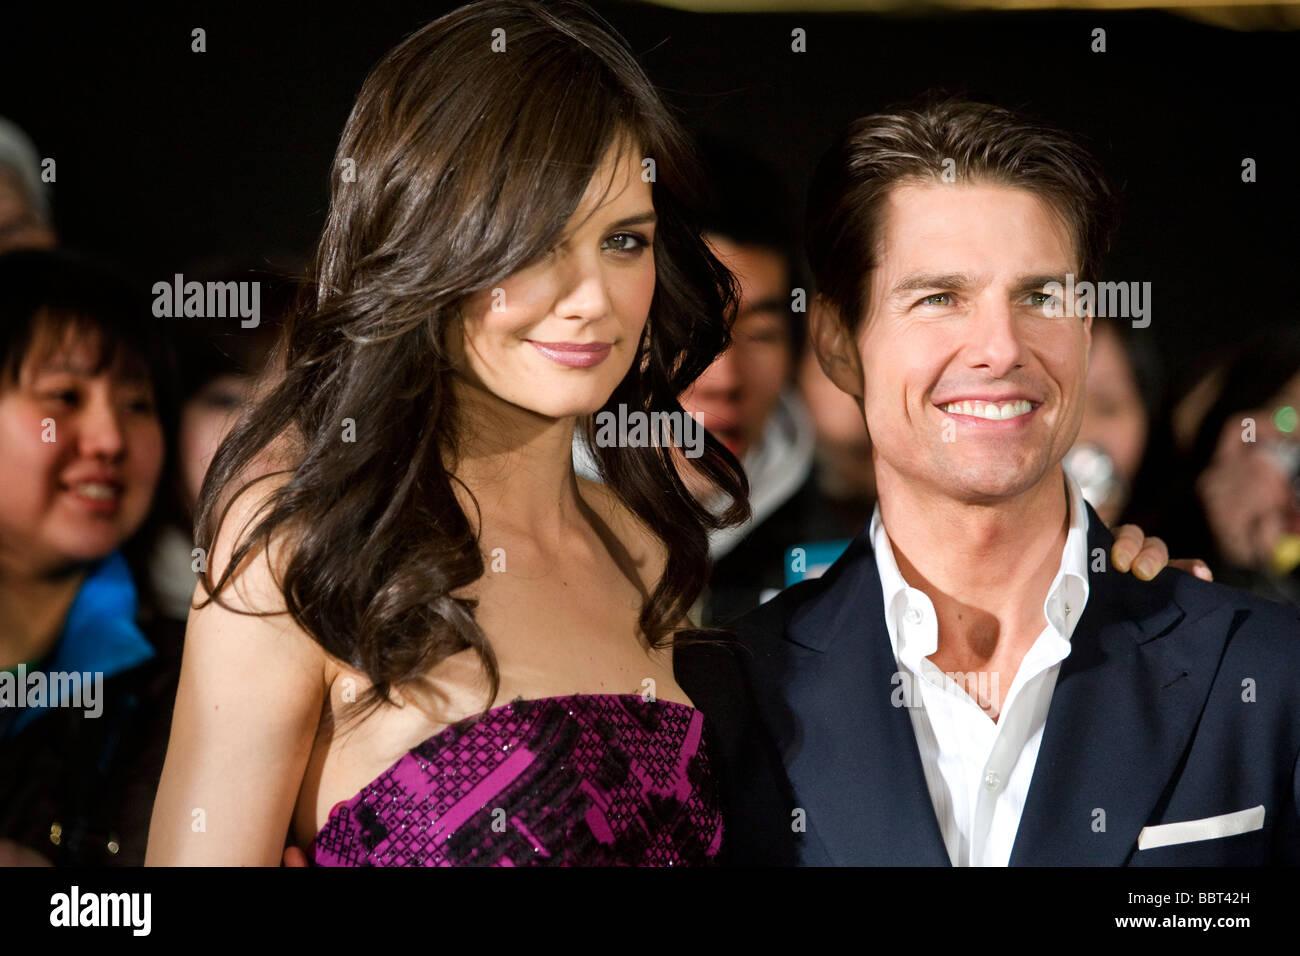 La stella di Hollywood attore Tom Cruise, al red carpet premiere del film. Immagini Stock